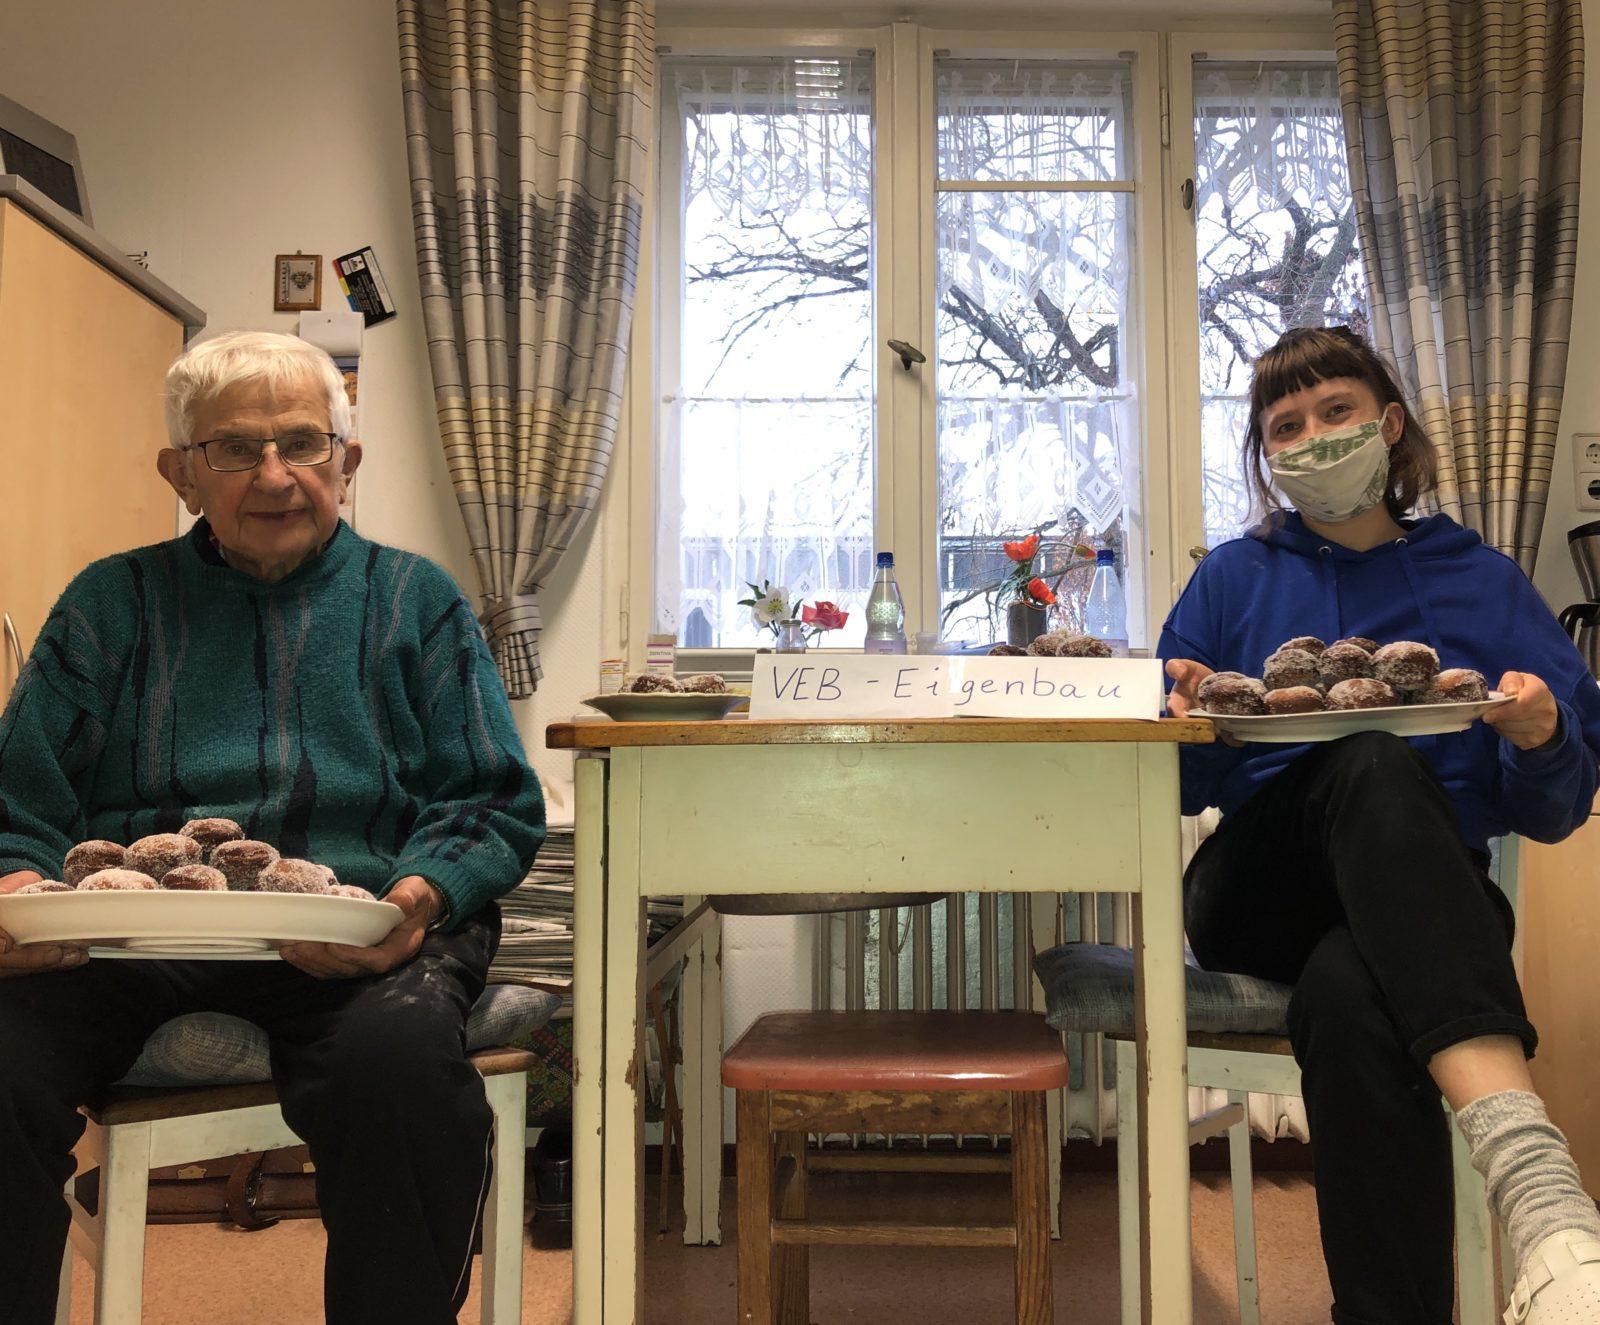 Am Küchentisch sitzt ein älterer Mann auf Abstand mit seiner Enkeltochter, welche zusammen traditionelle Pfannkuchen (Berliner) gebacken haben und diese in die Kamera zeigen